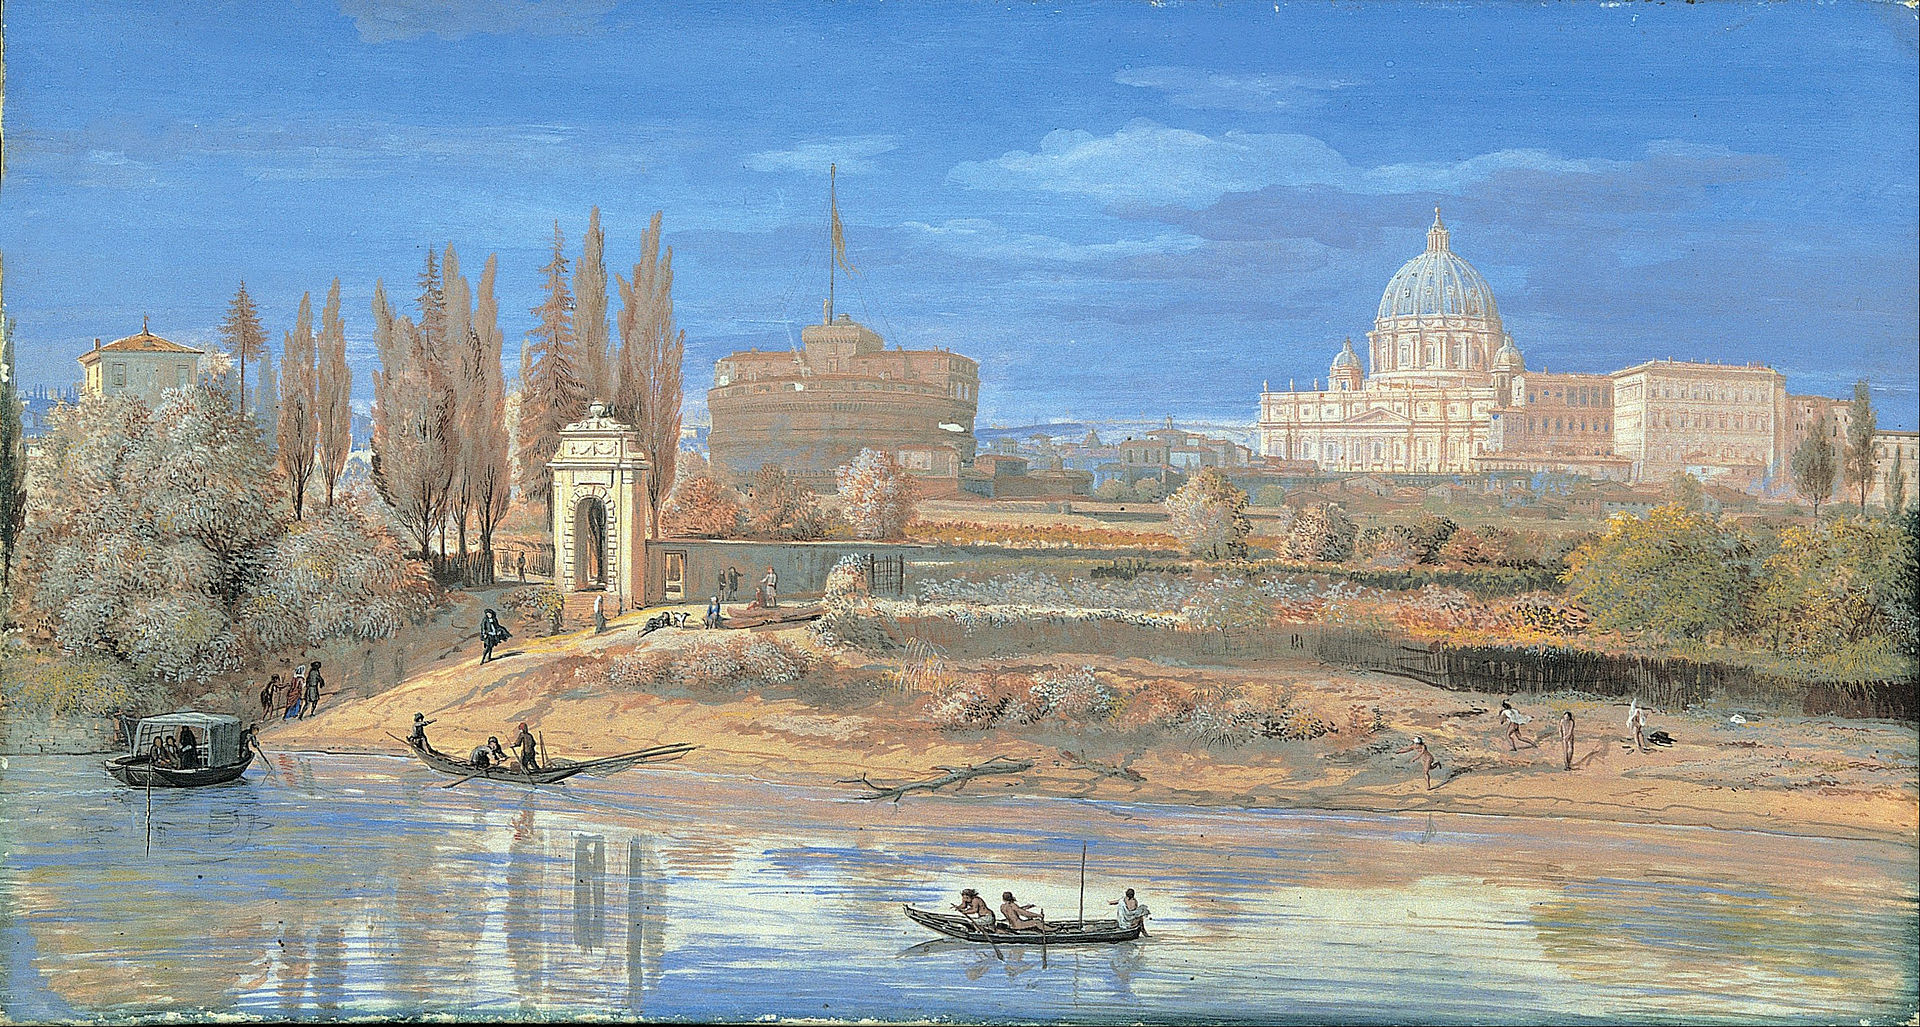 Гаспар ван Виттель - Вид на замок Сант-Анджело и Ватикан со стороны Прати-ди-Кастелло - Google Art Project.jpg